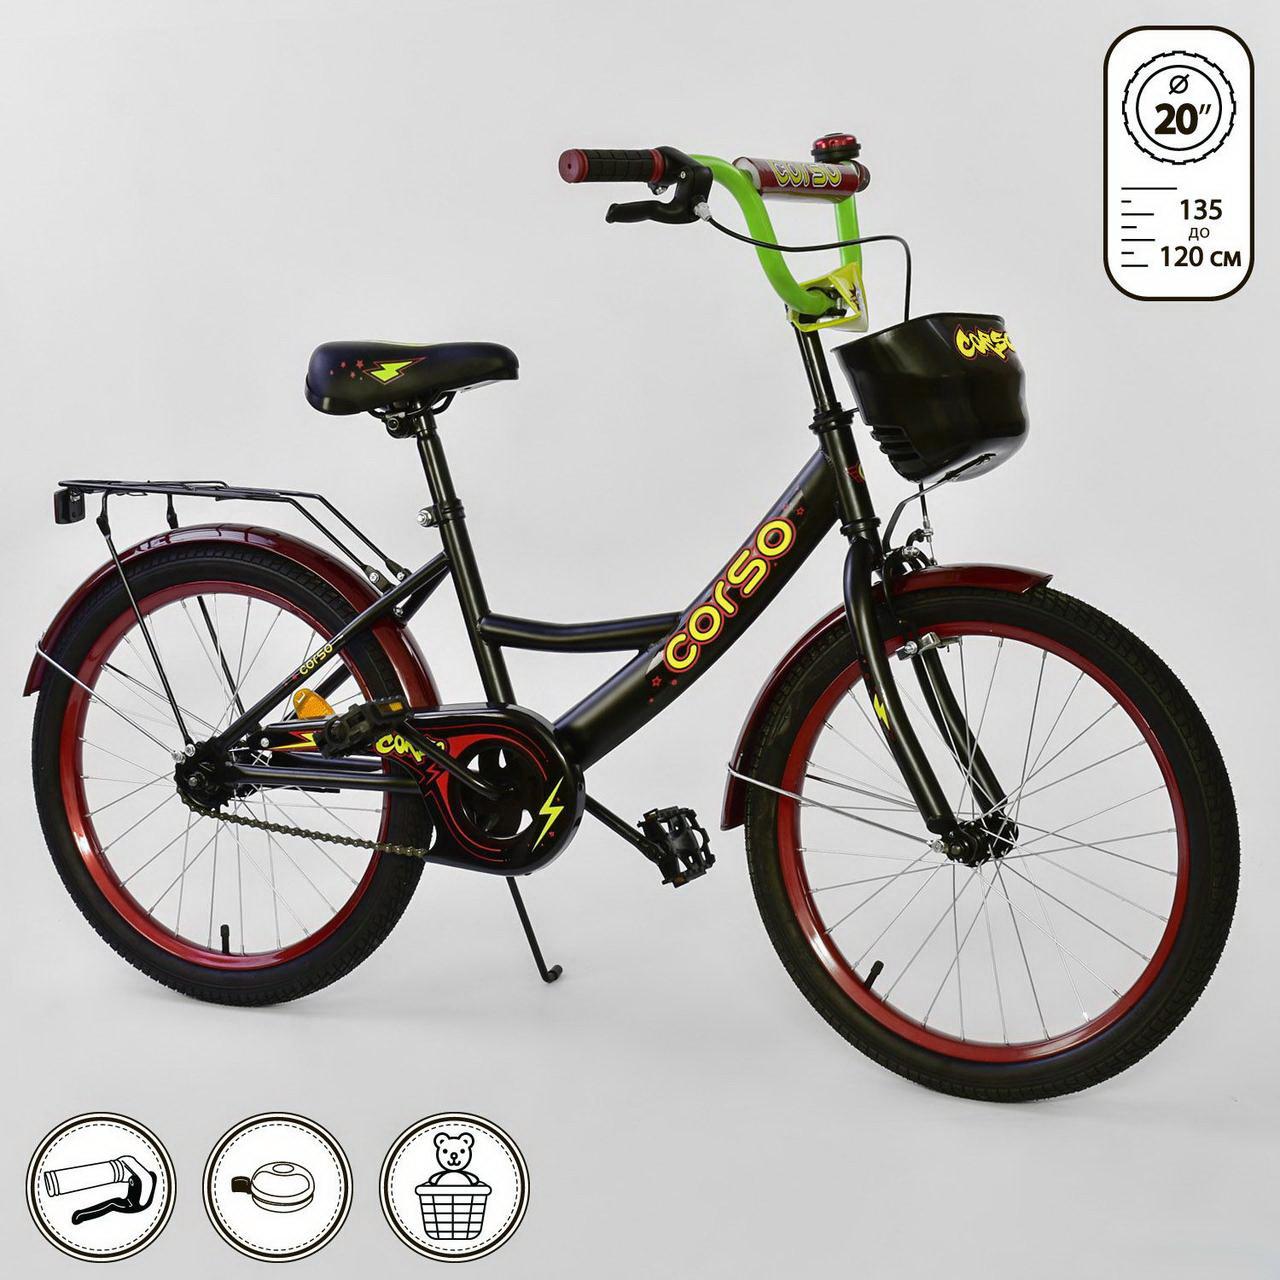 Велосипед 2-х колёсный CORSO, 20 дюймов, Черный+Бордовый (G-20770)